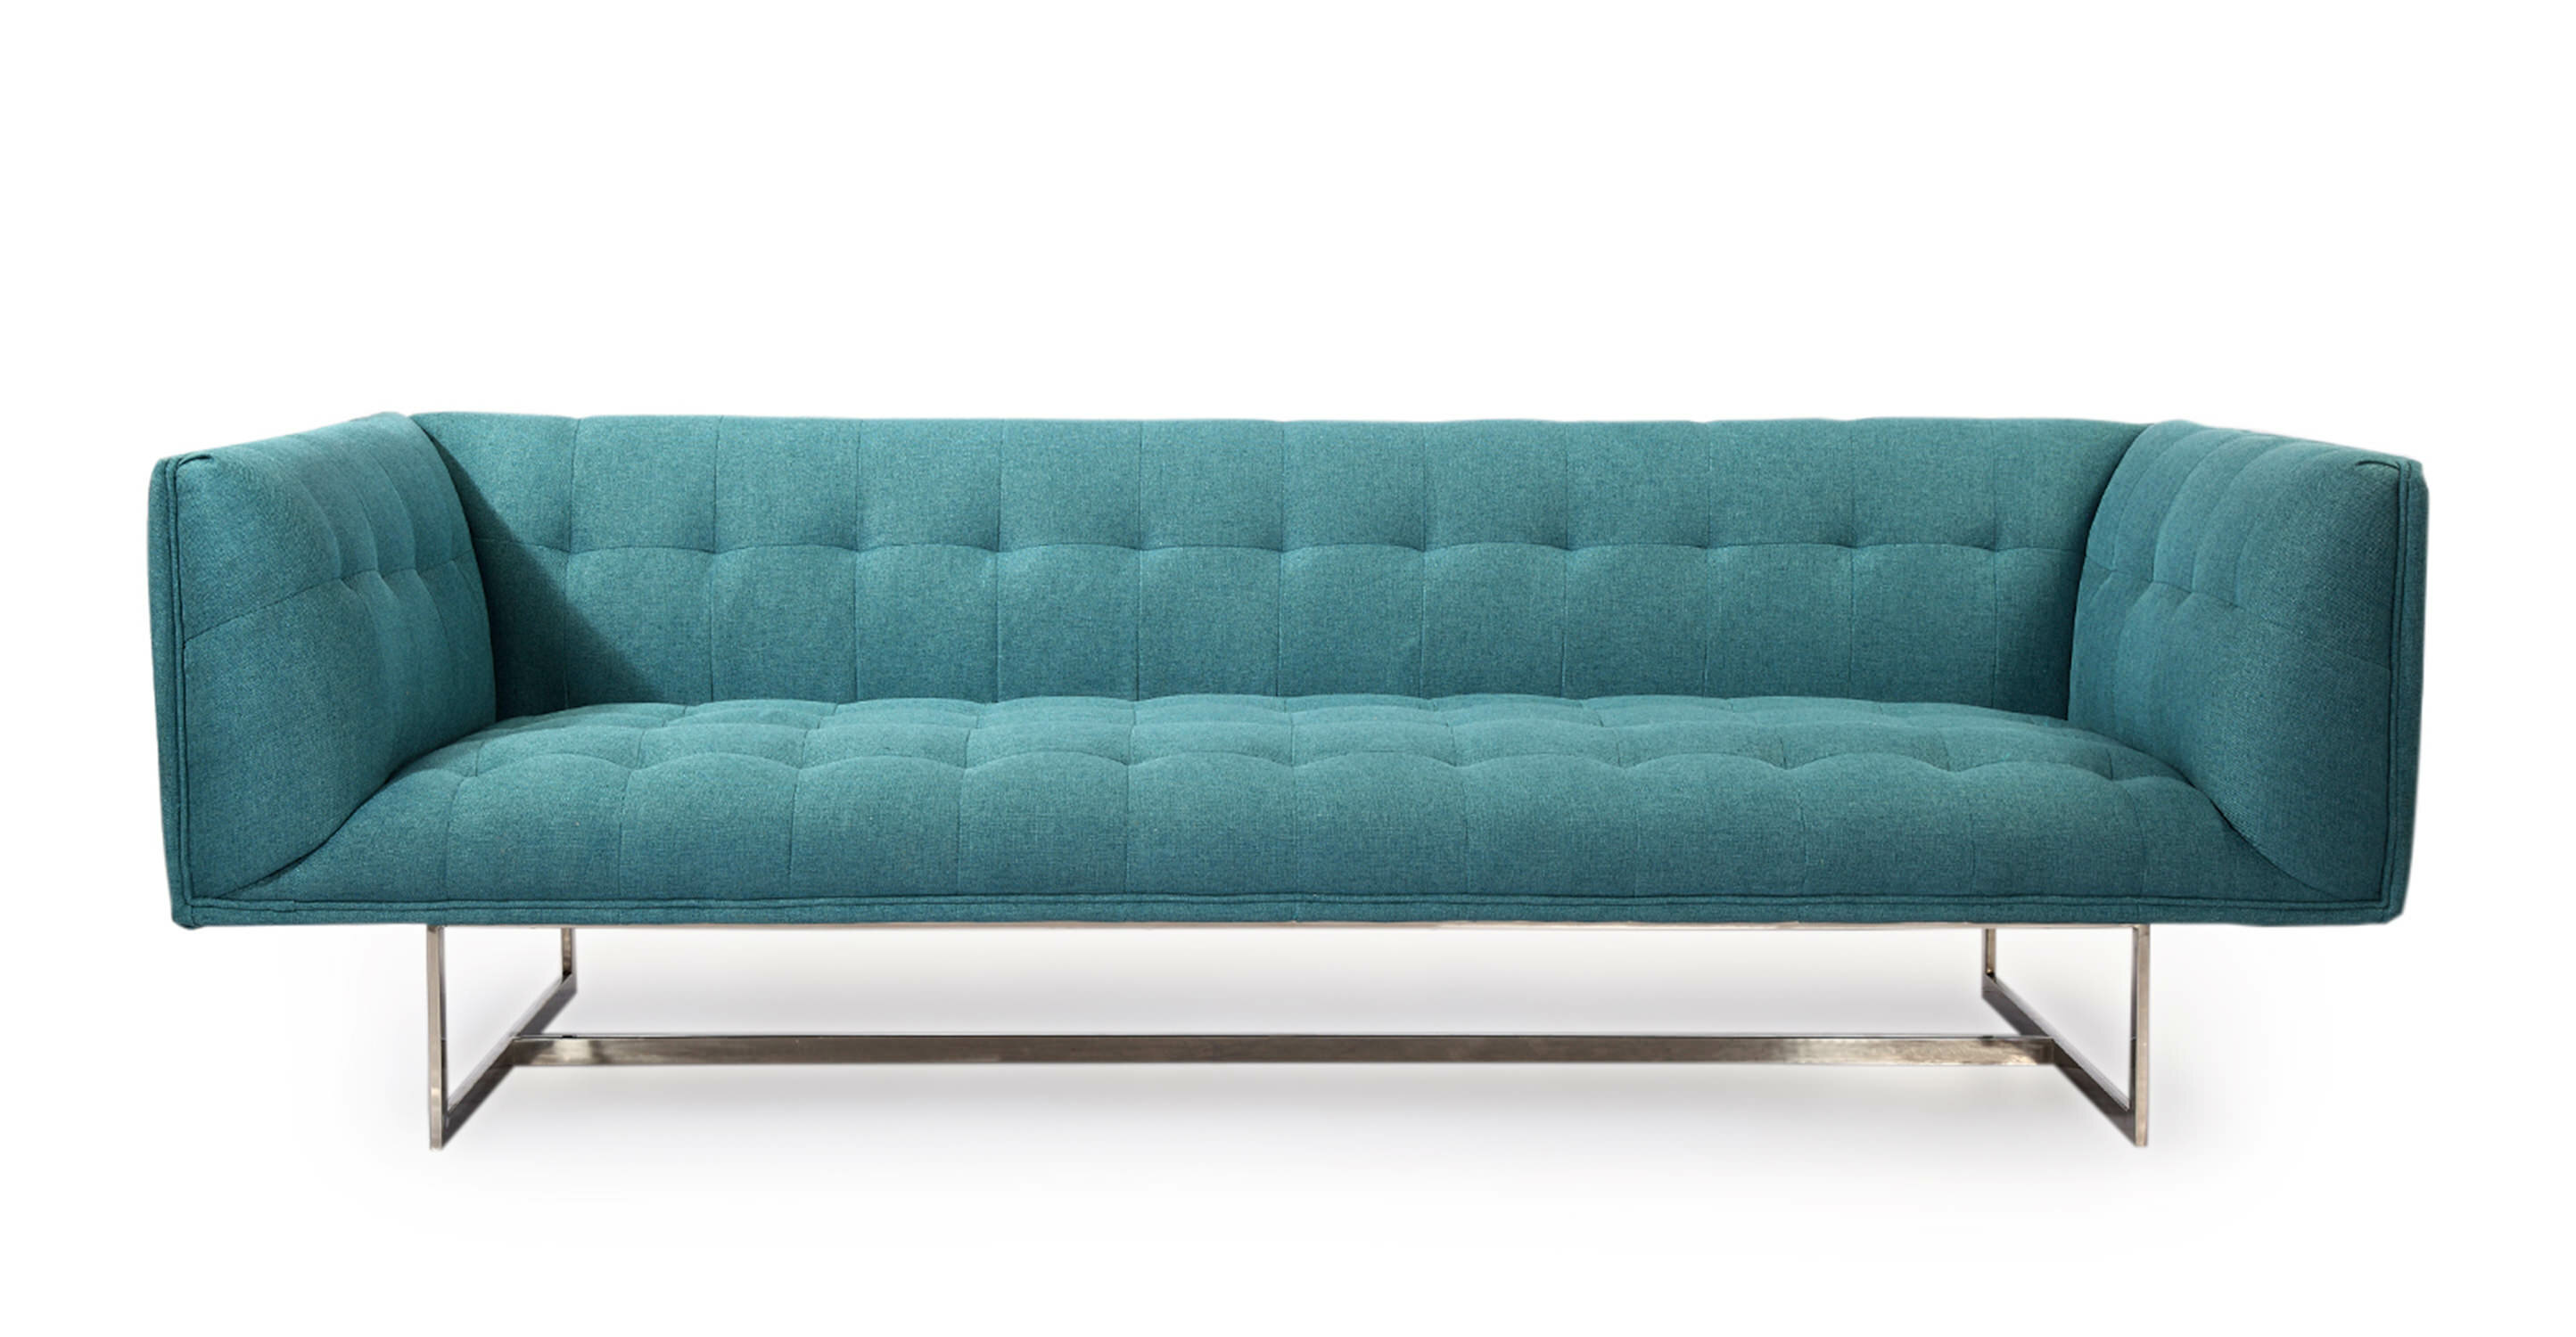 Orren Ellis Shaner Mid Century Modern Chesterfield Sofa Reviews